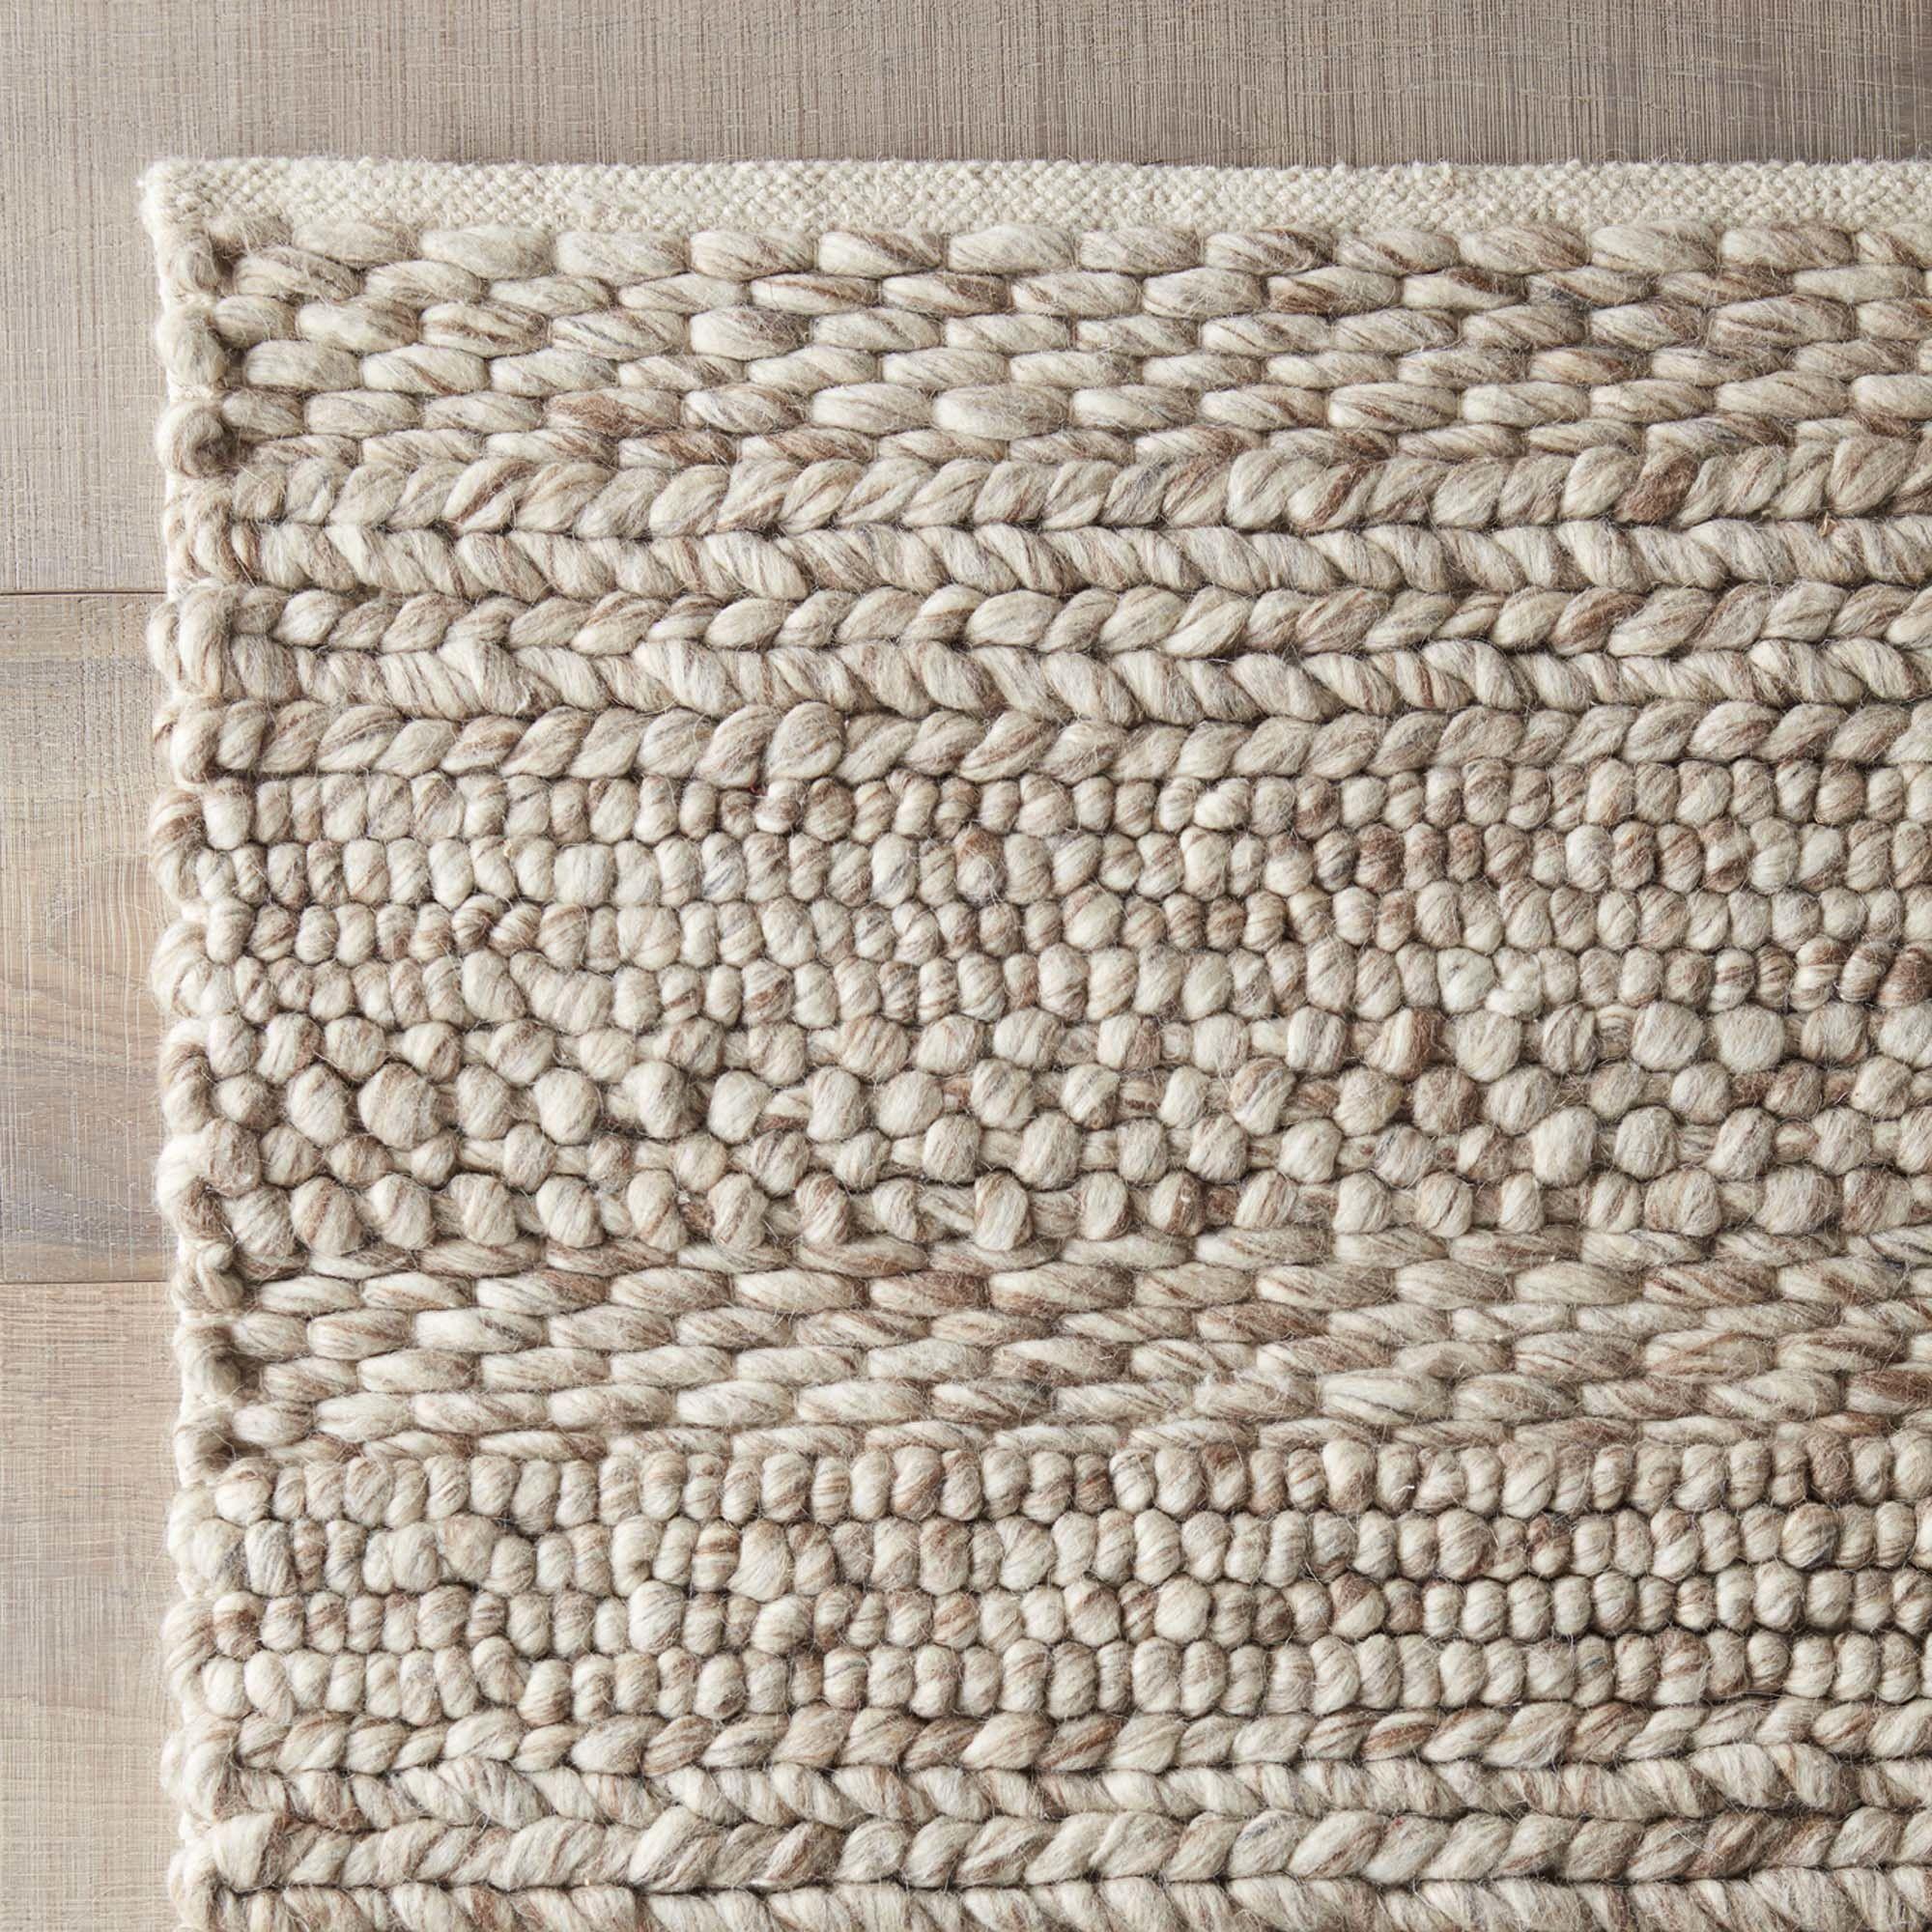 hand woven rugs dwellstudio florian hand-woven natural area rug HTLEMGM